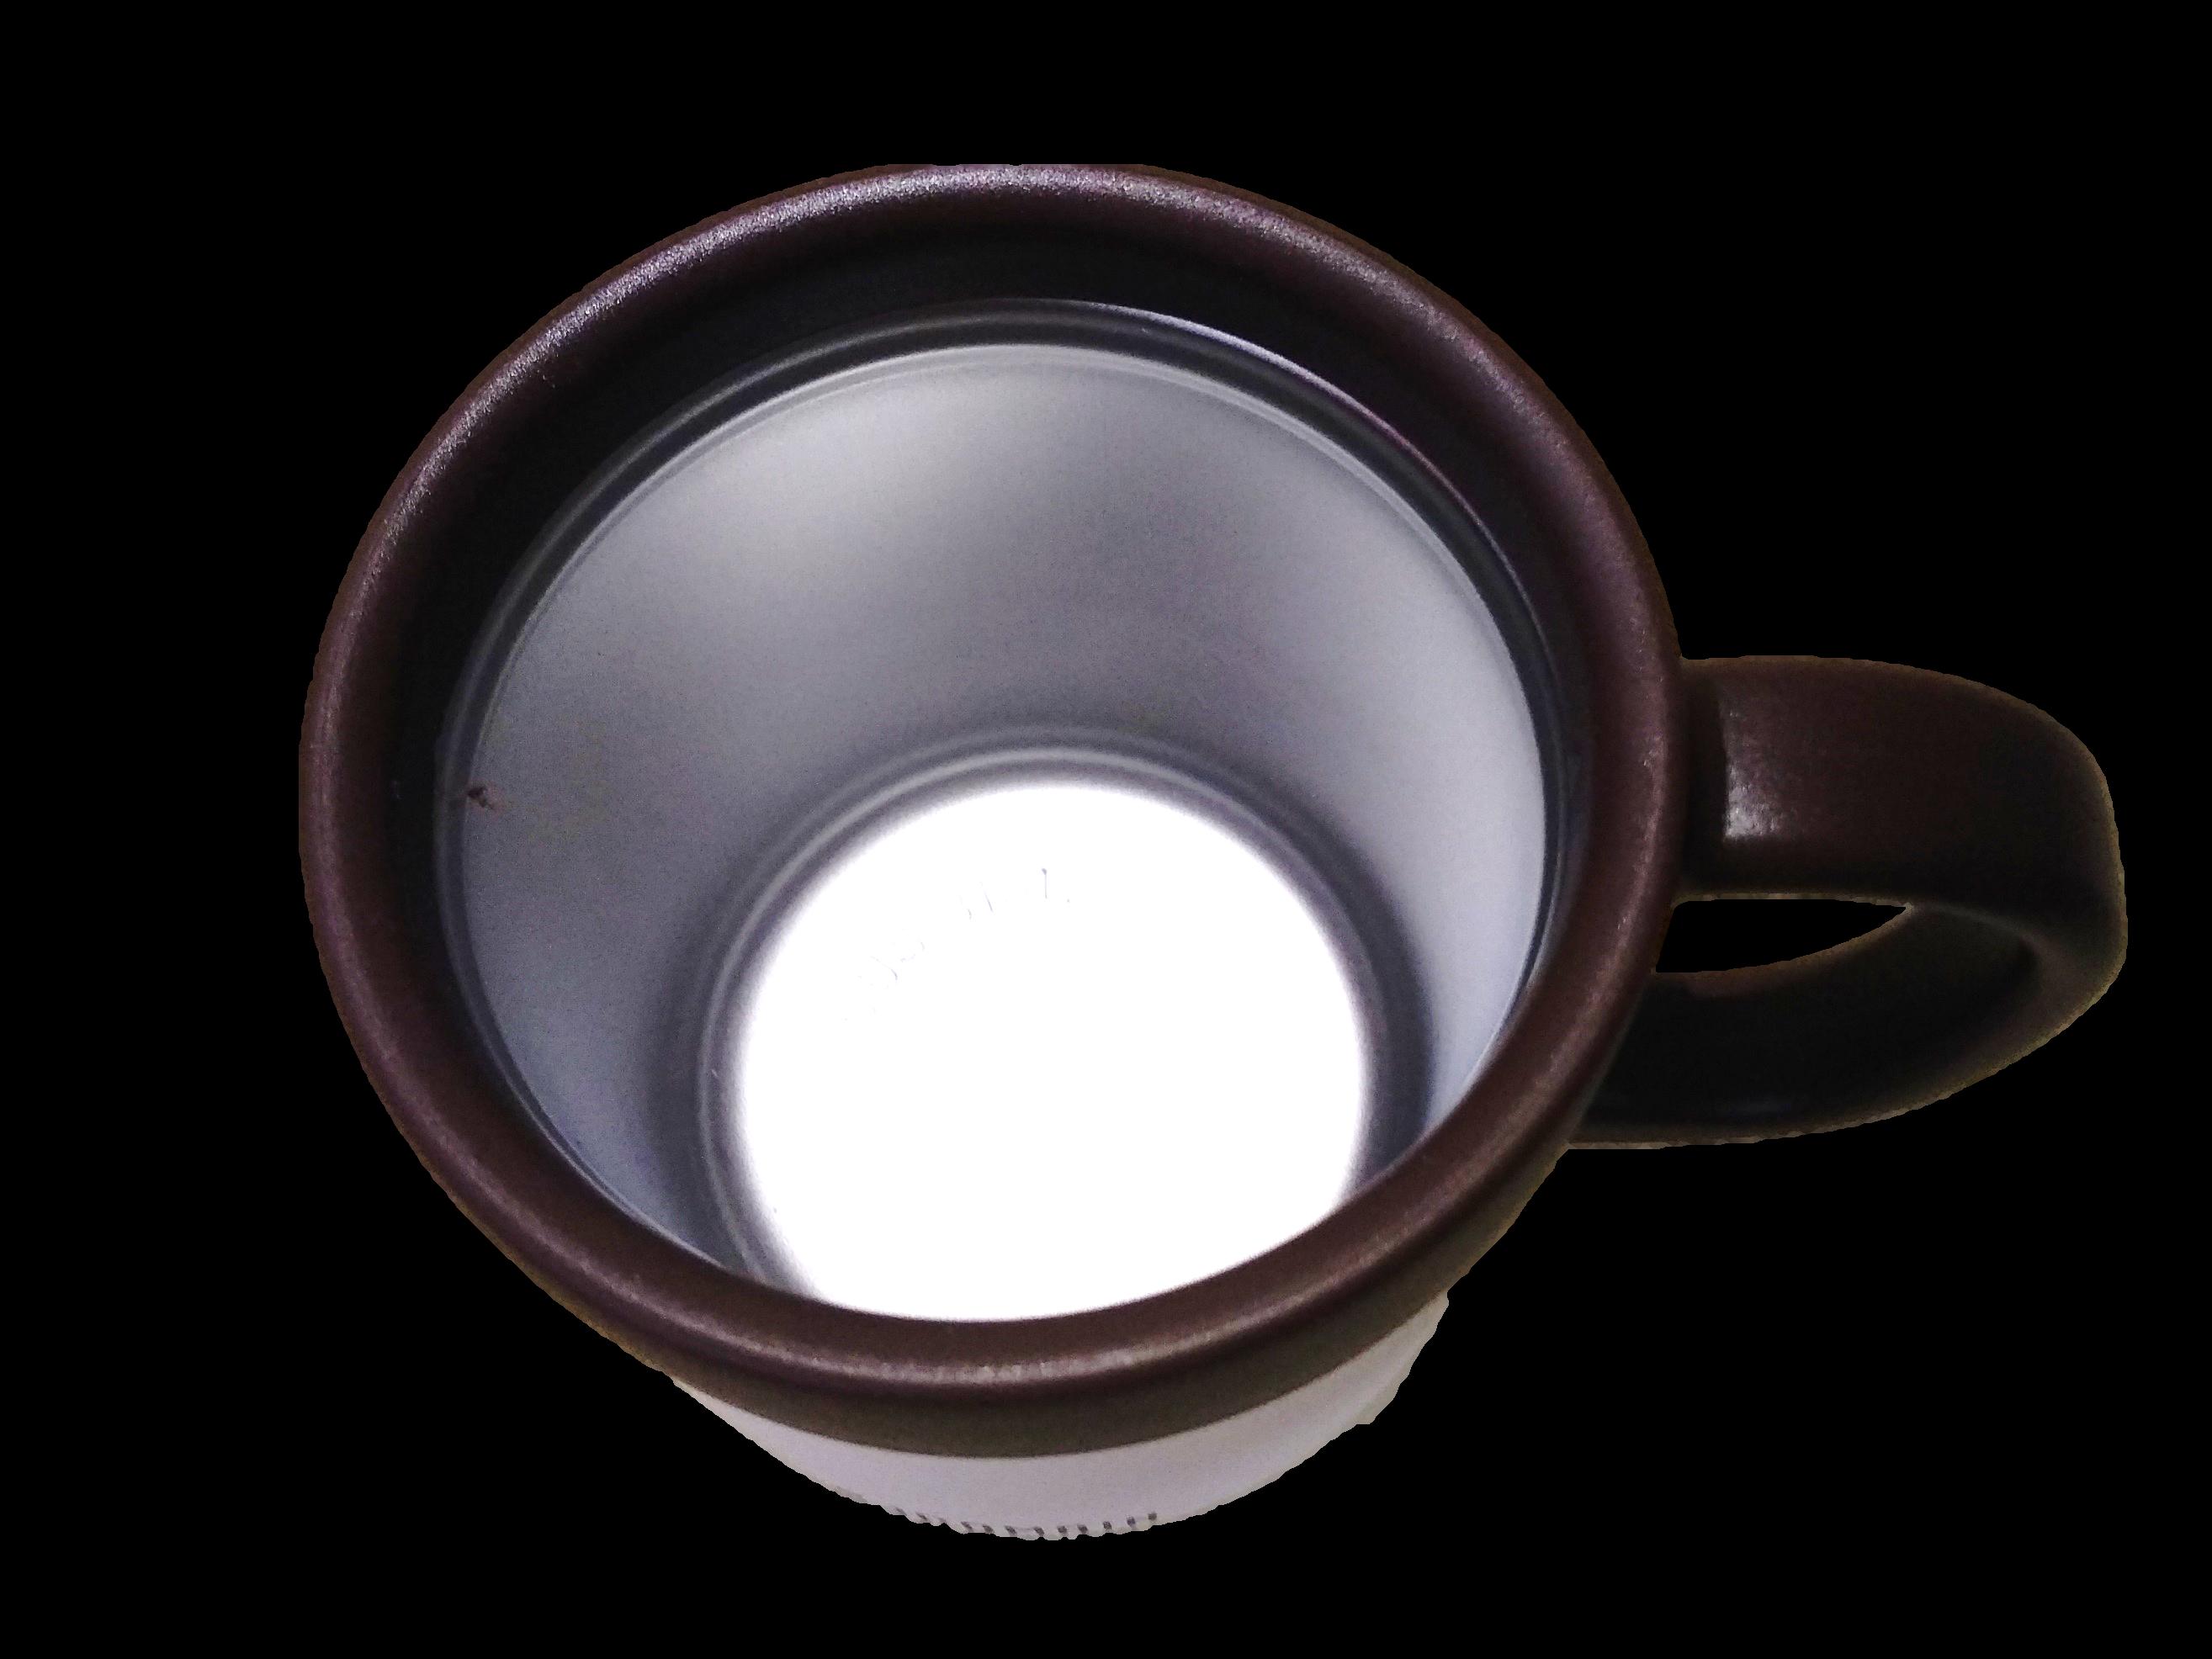 SADOMAIN 仙德曼咖啡保溫濾掛杯 #二尺寸、還有二色可選擇喔~ 保溫杯 / 咖啡杯 / 濾掛杯 7